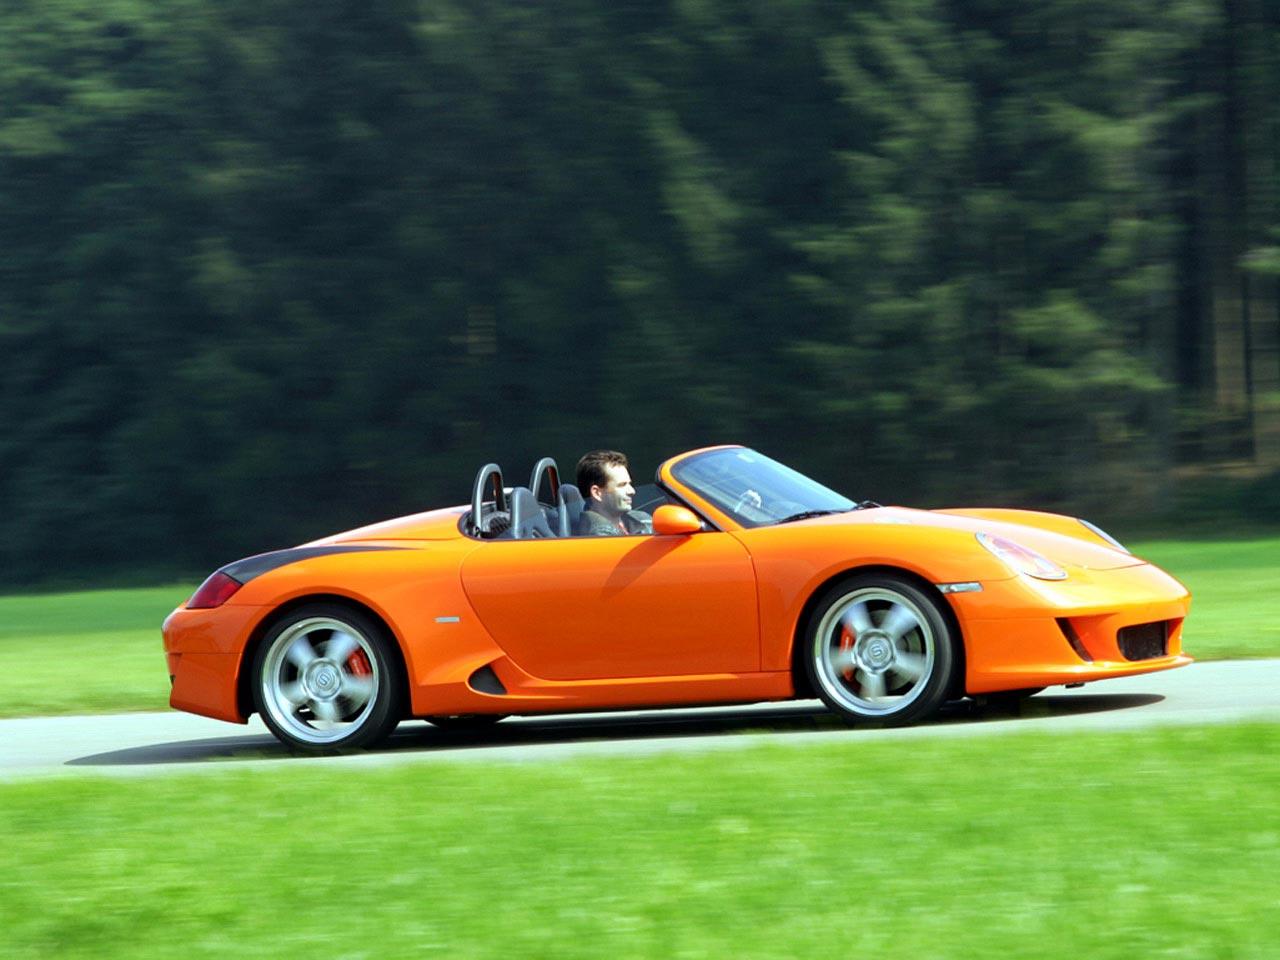 Ruf Porsche Boxster R Spyder 2002 2005 Ruf Porsche Boxster